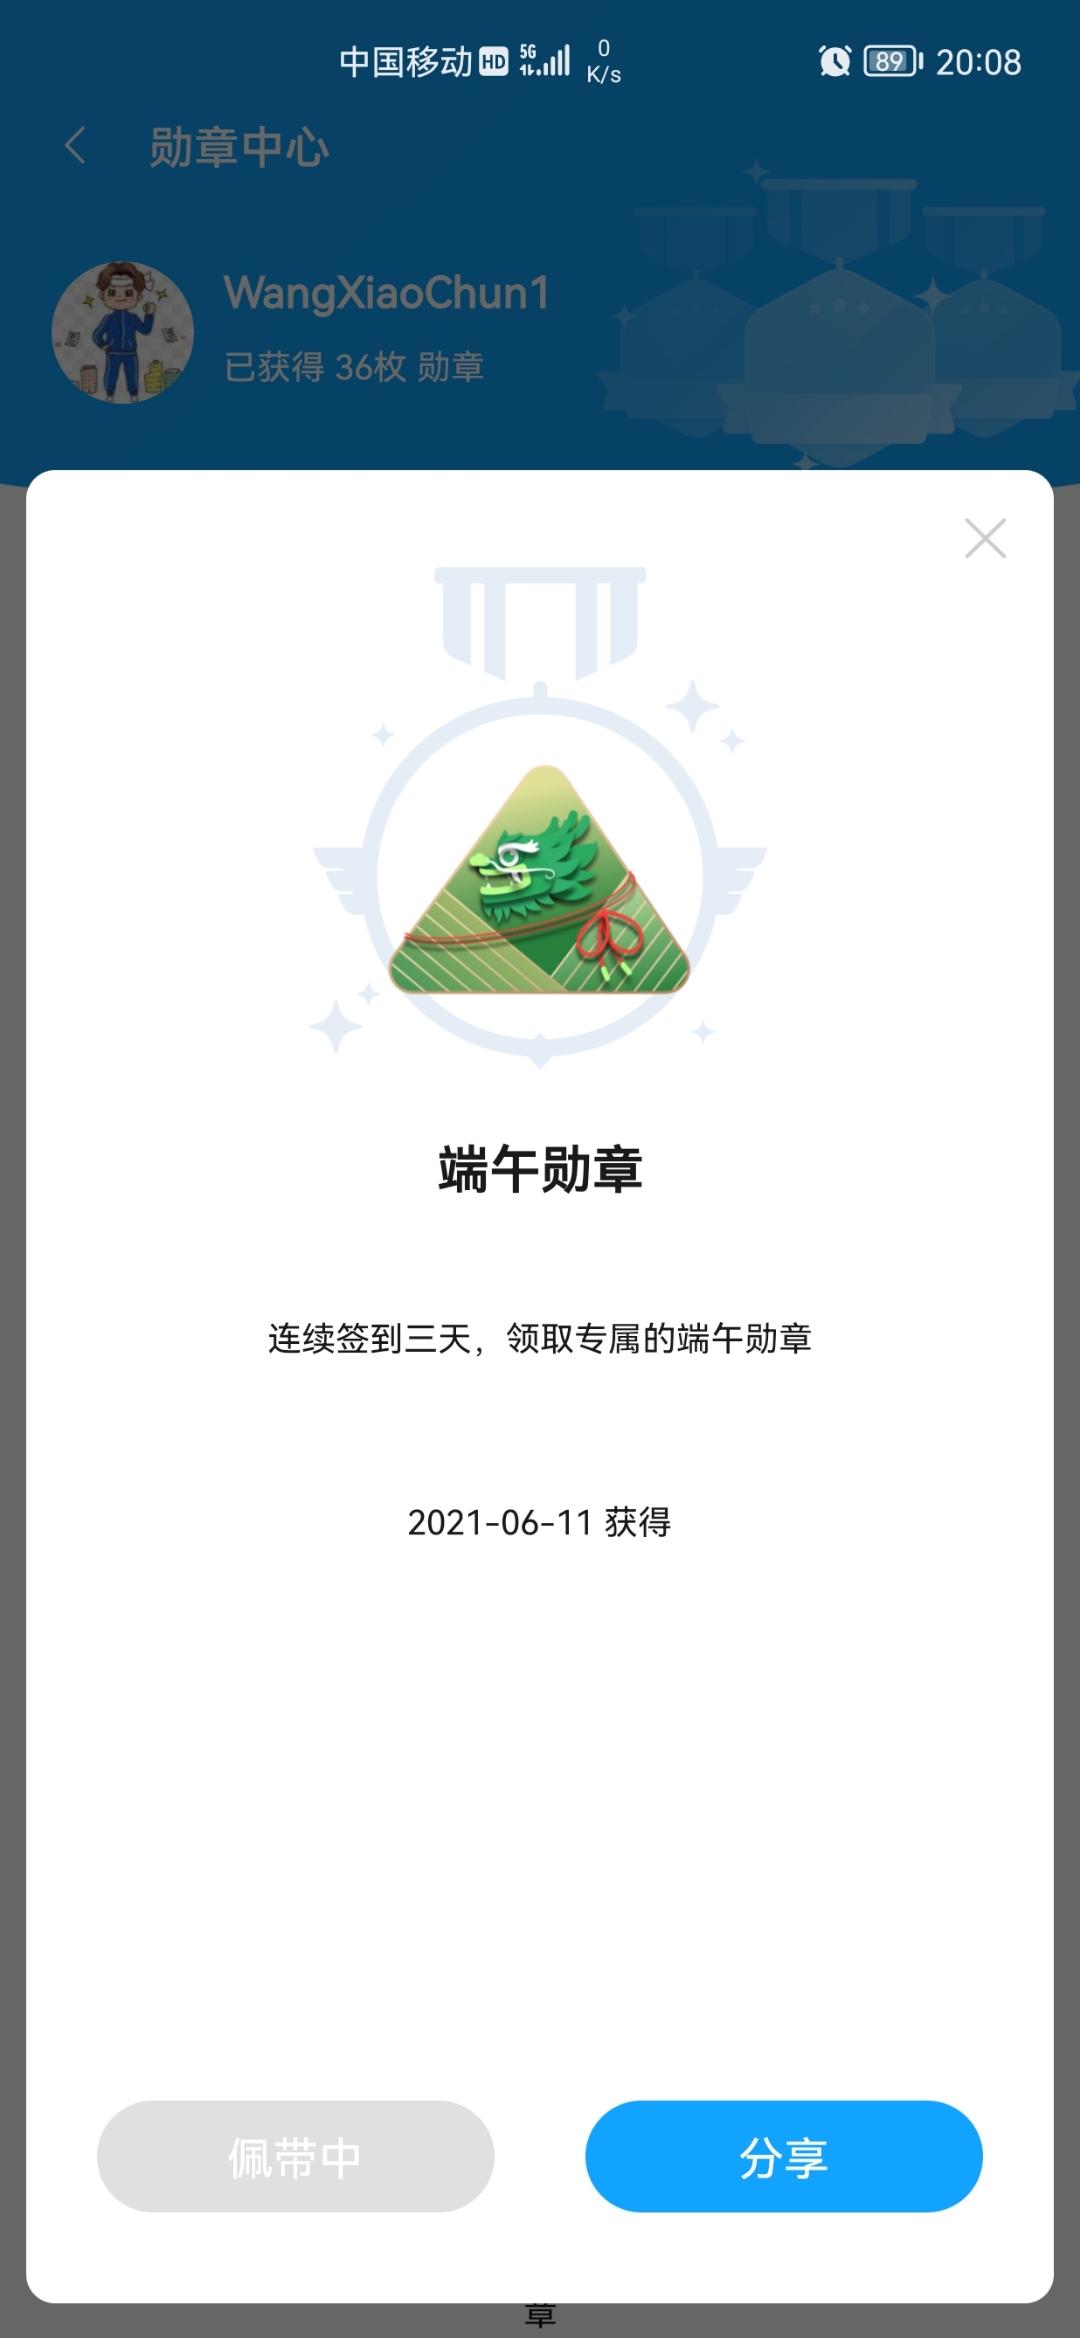 Screenshot_20210611_200839_com.huawei.fans.jpg